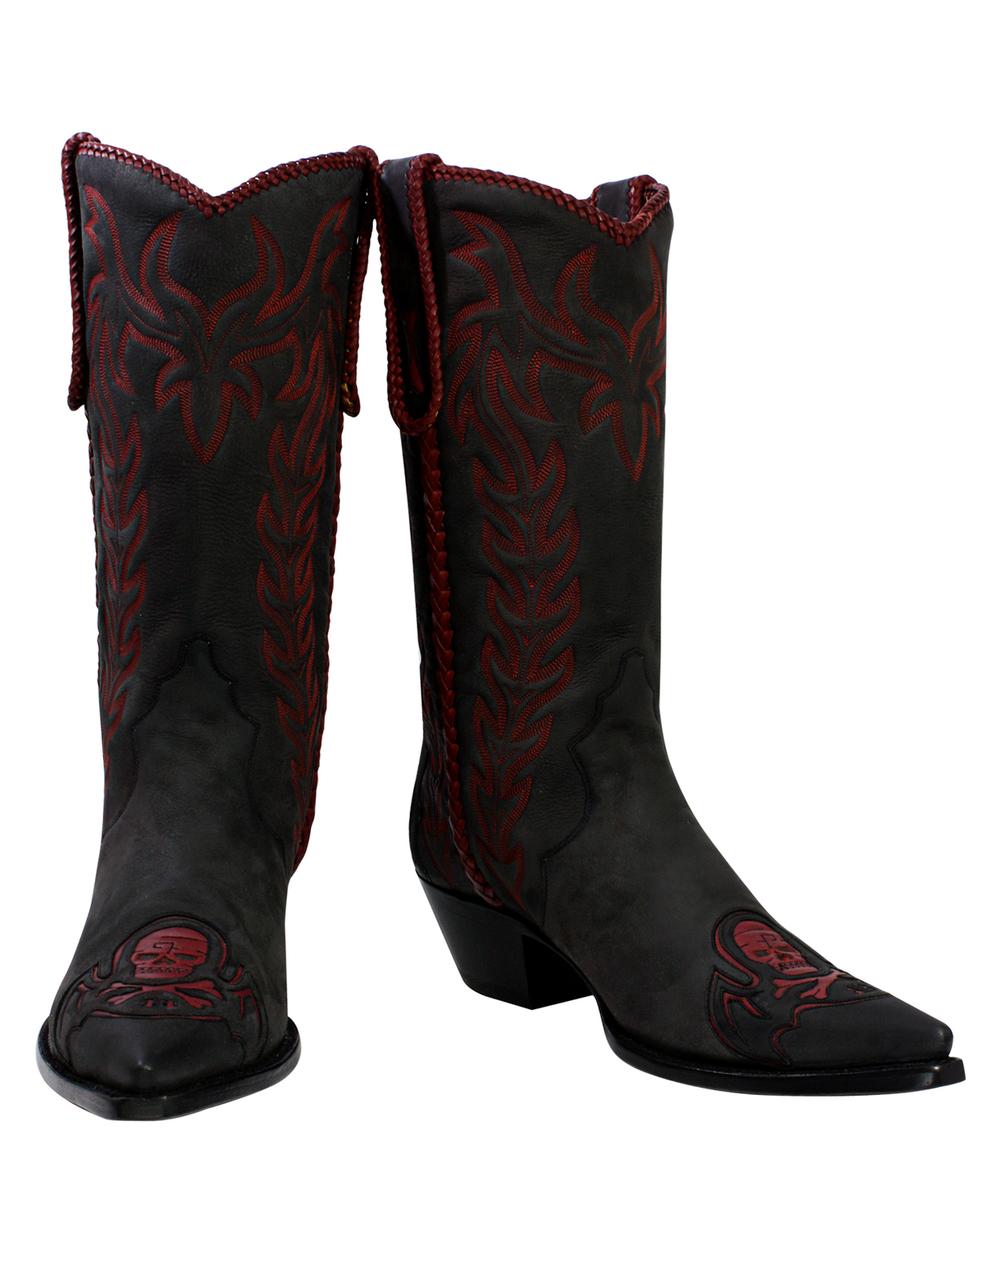 fd2a86c9ecc Liberty Boot Co.'s Killaz Red Plague Cowboy Boot